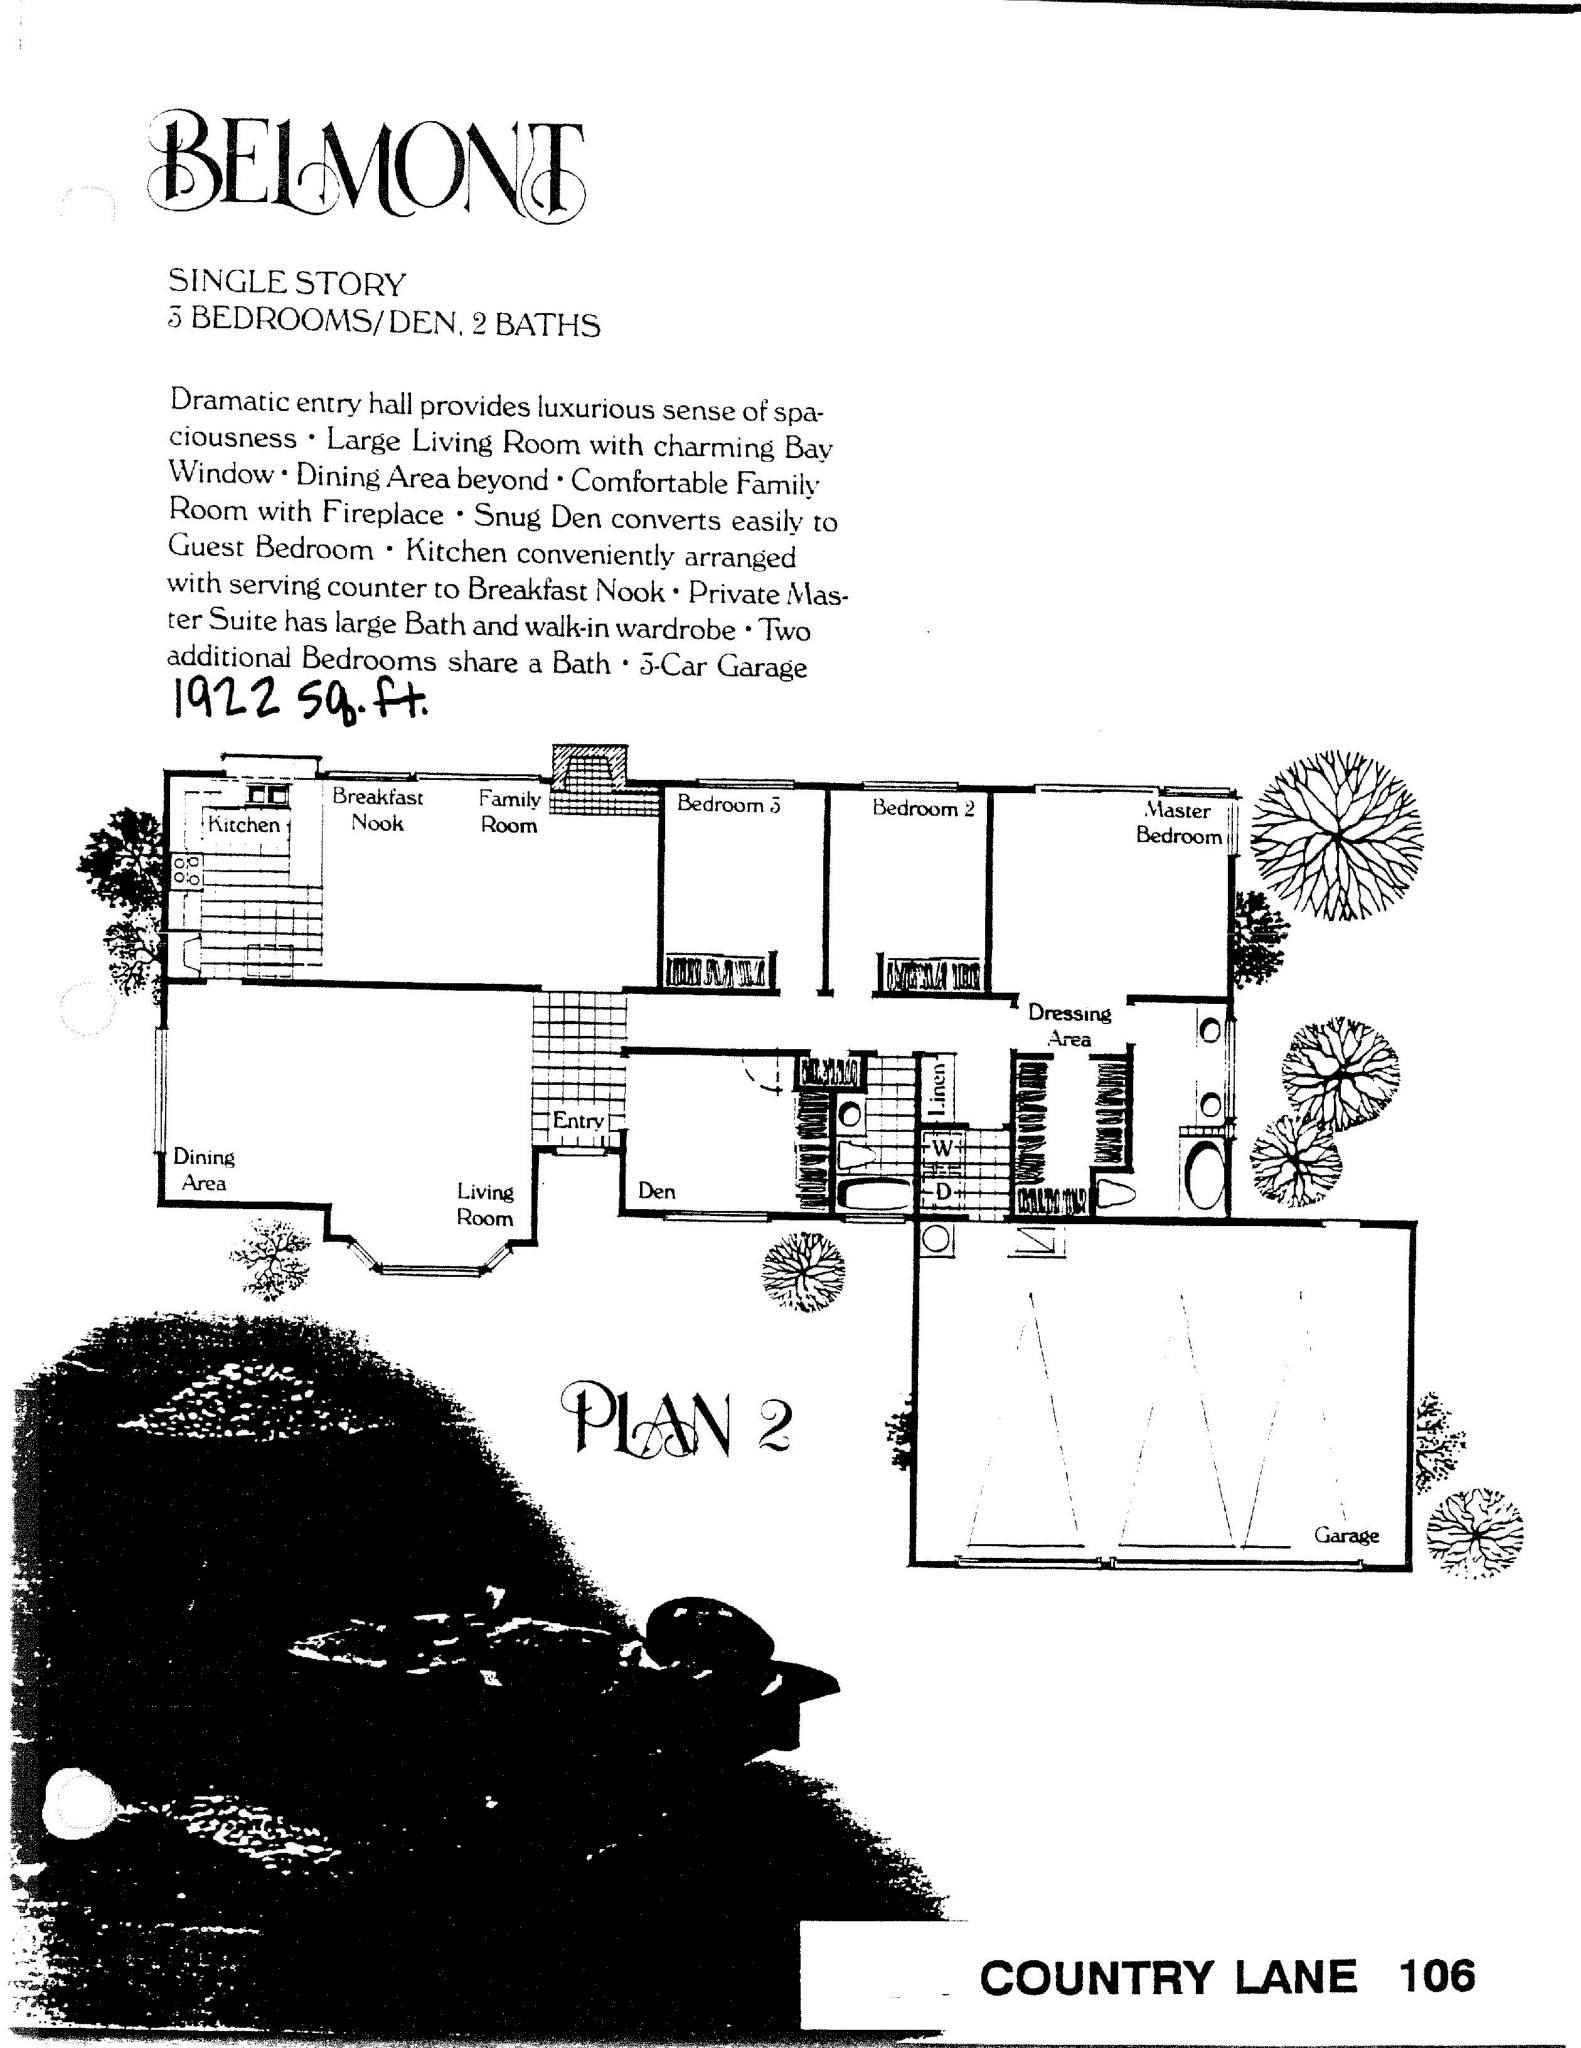 Country Lane - Belmont - Plan 2